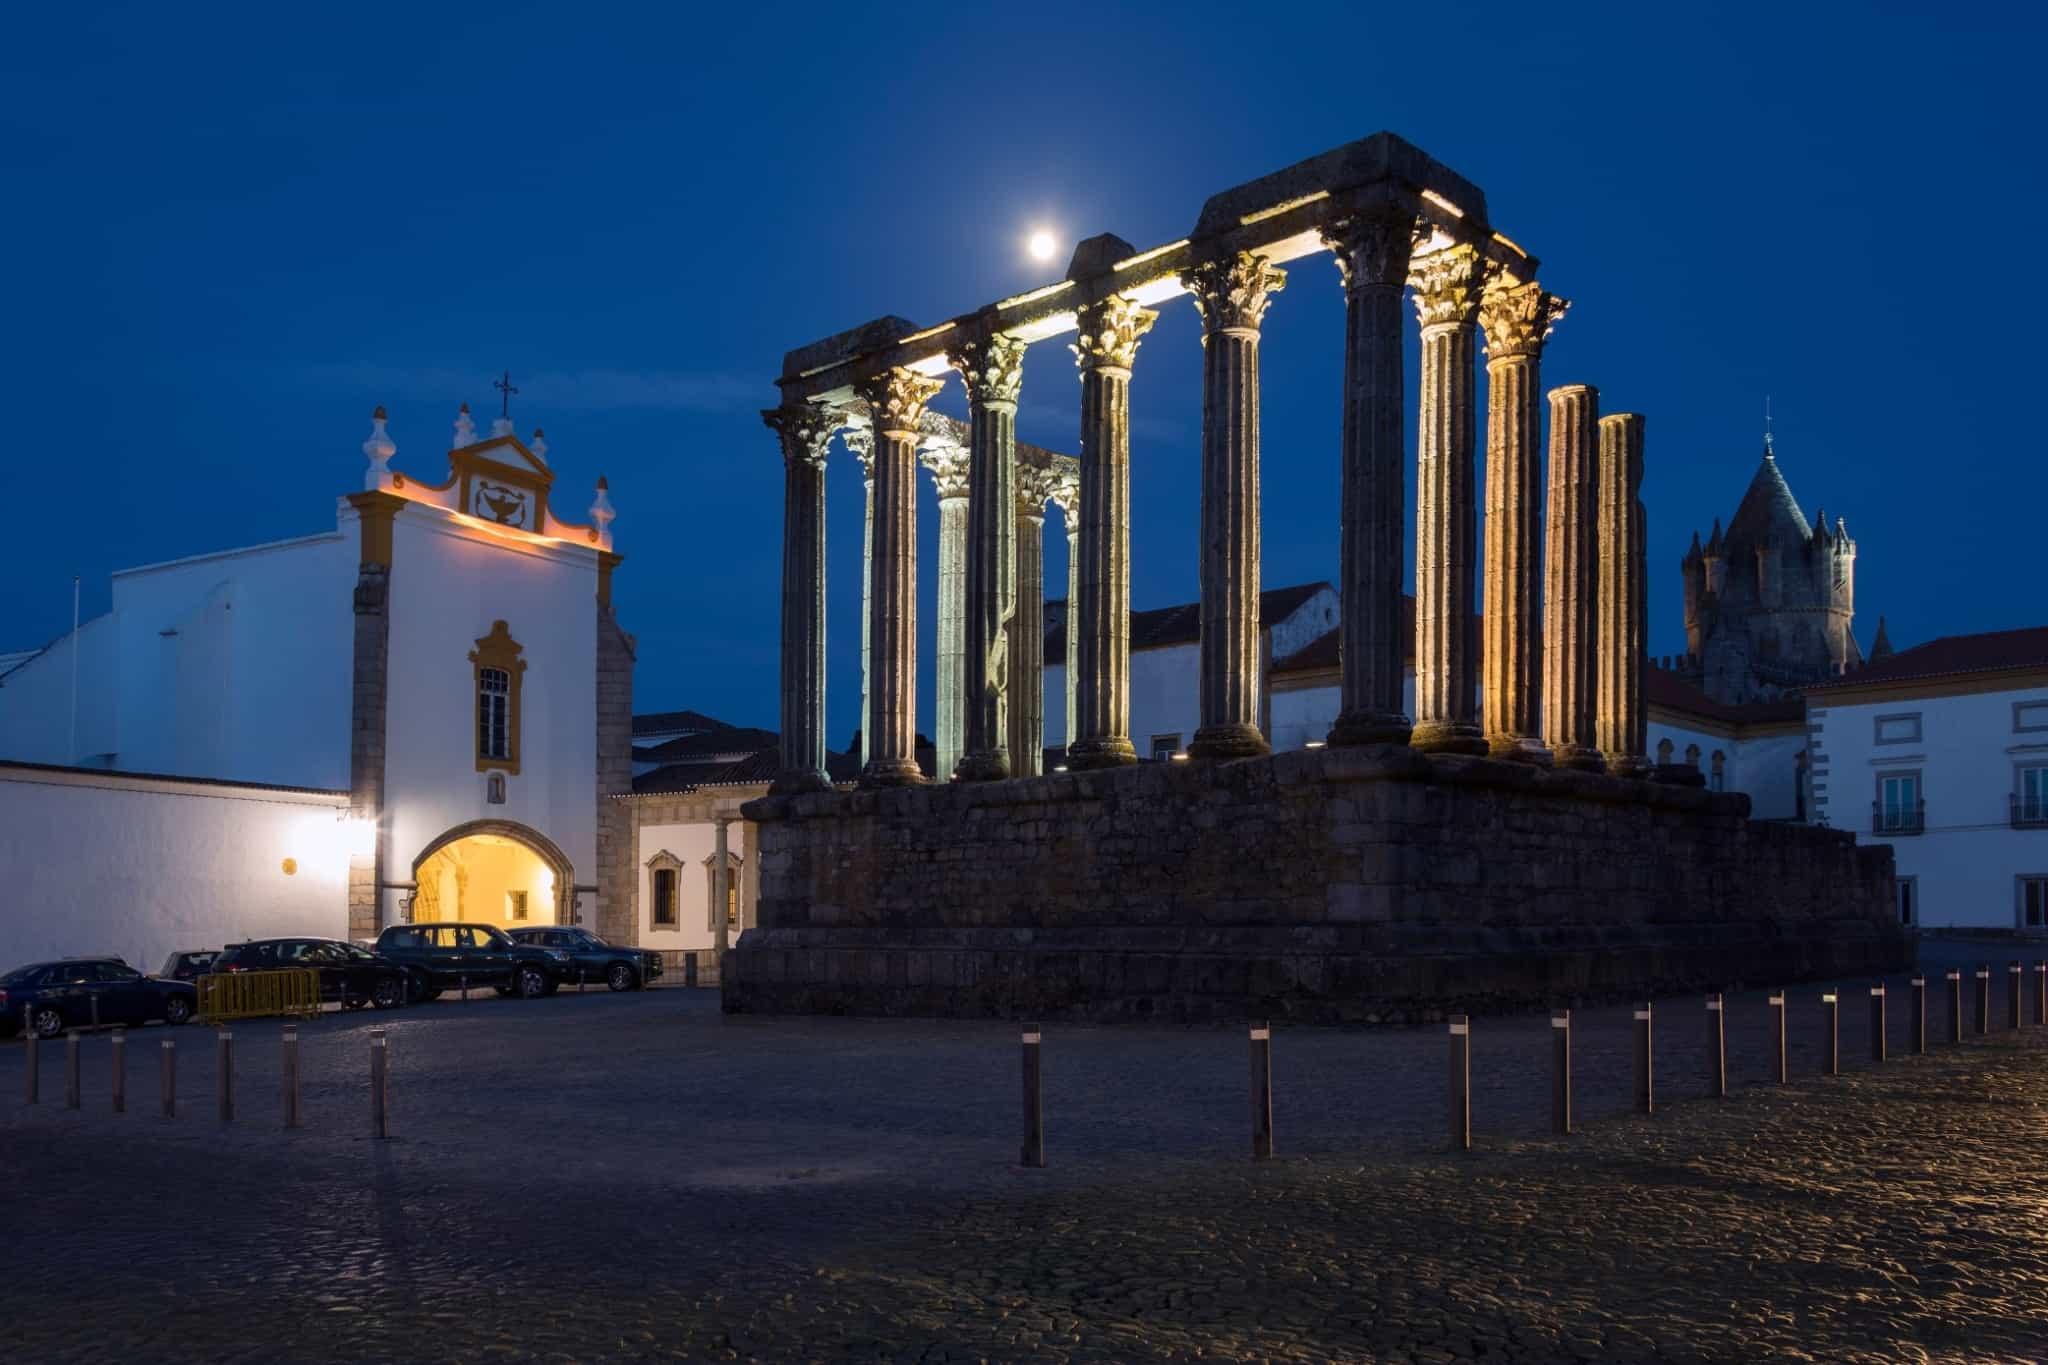 templo de diana em évora à noite